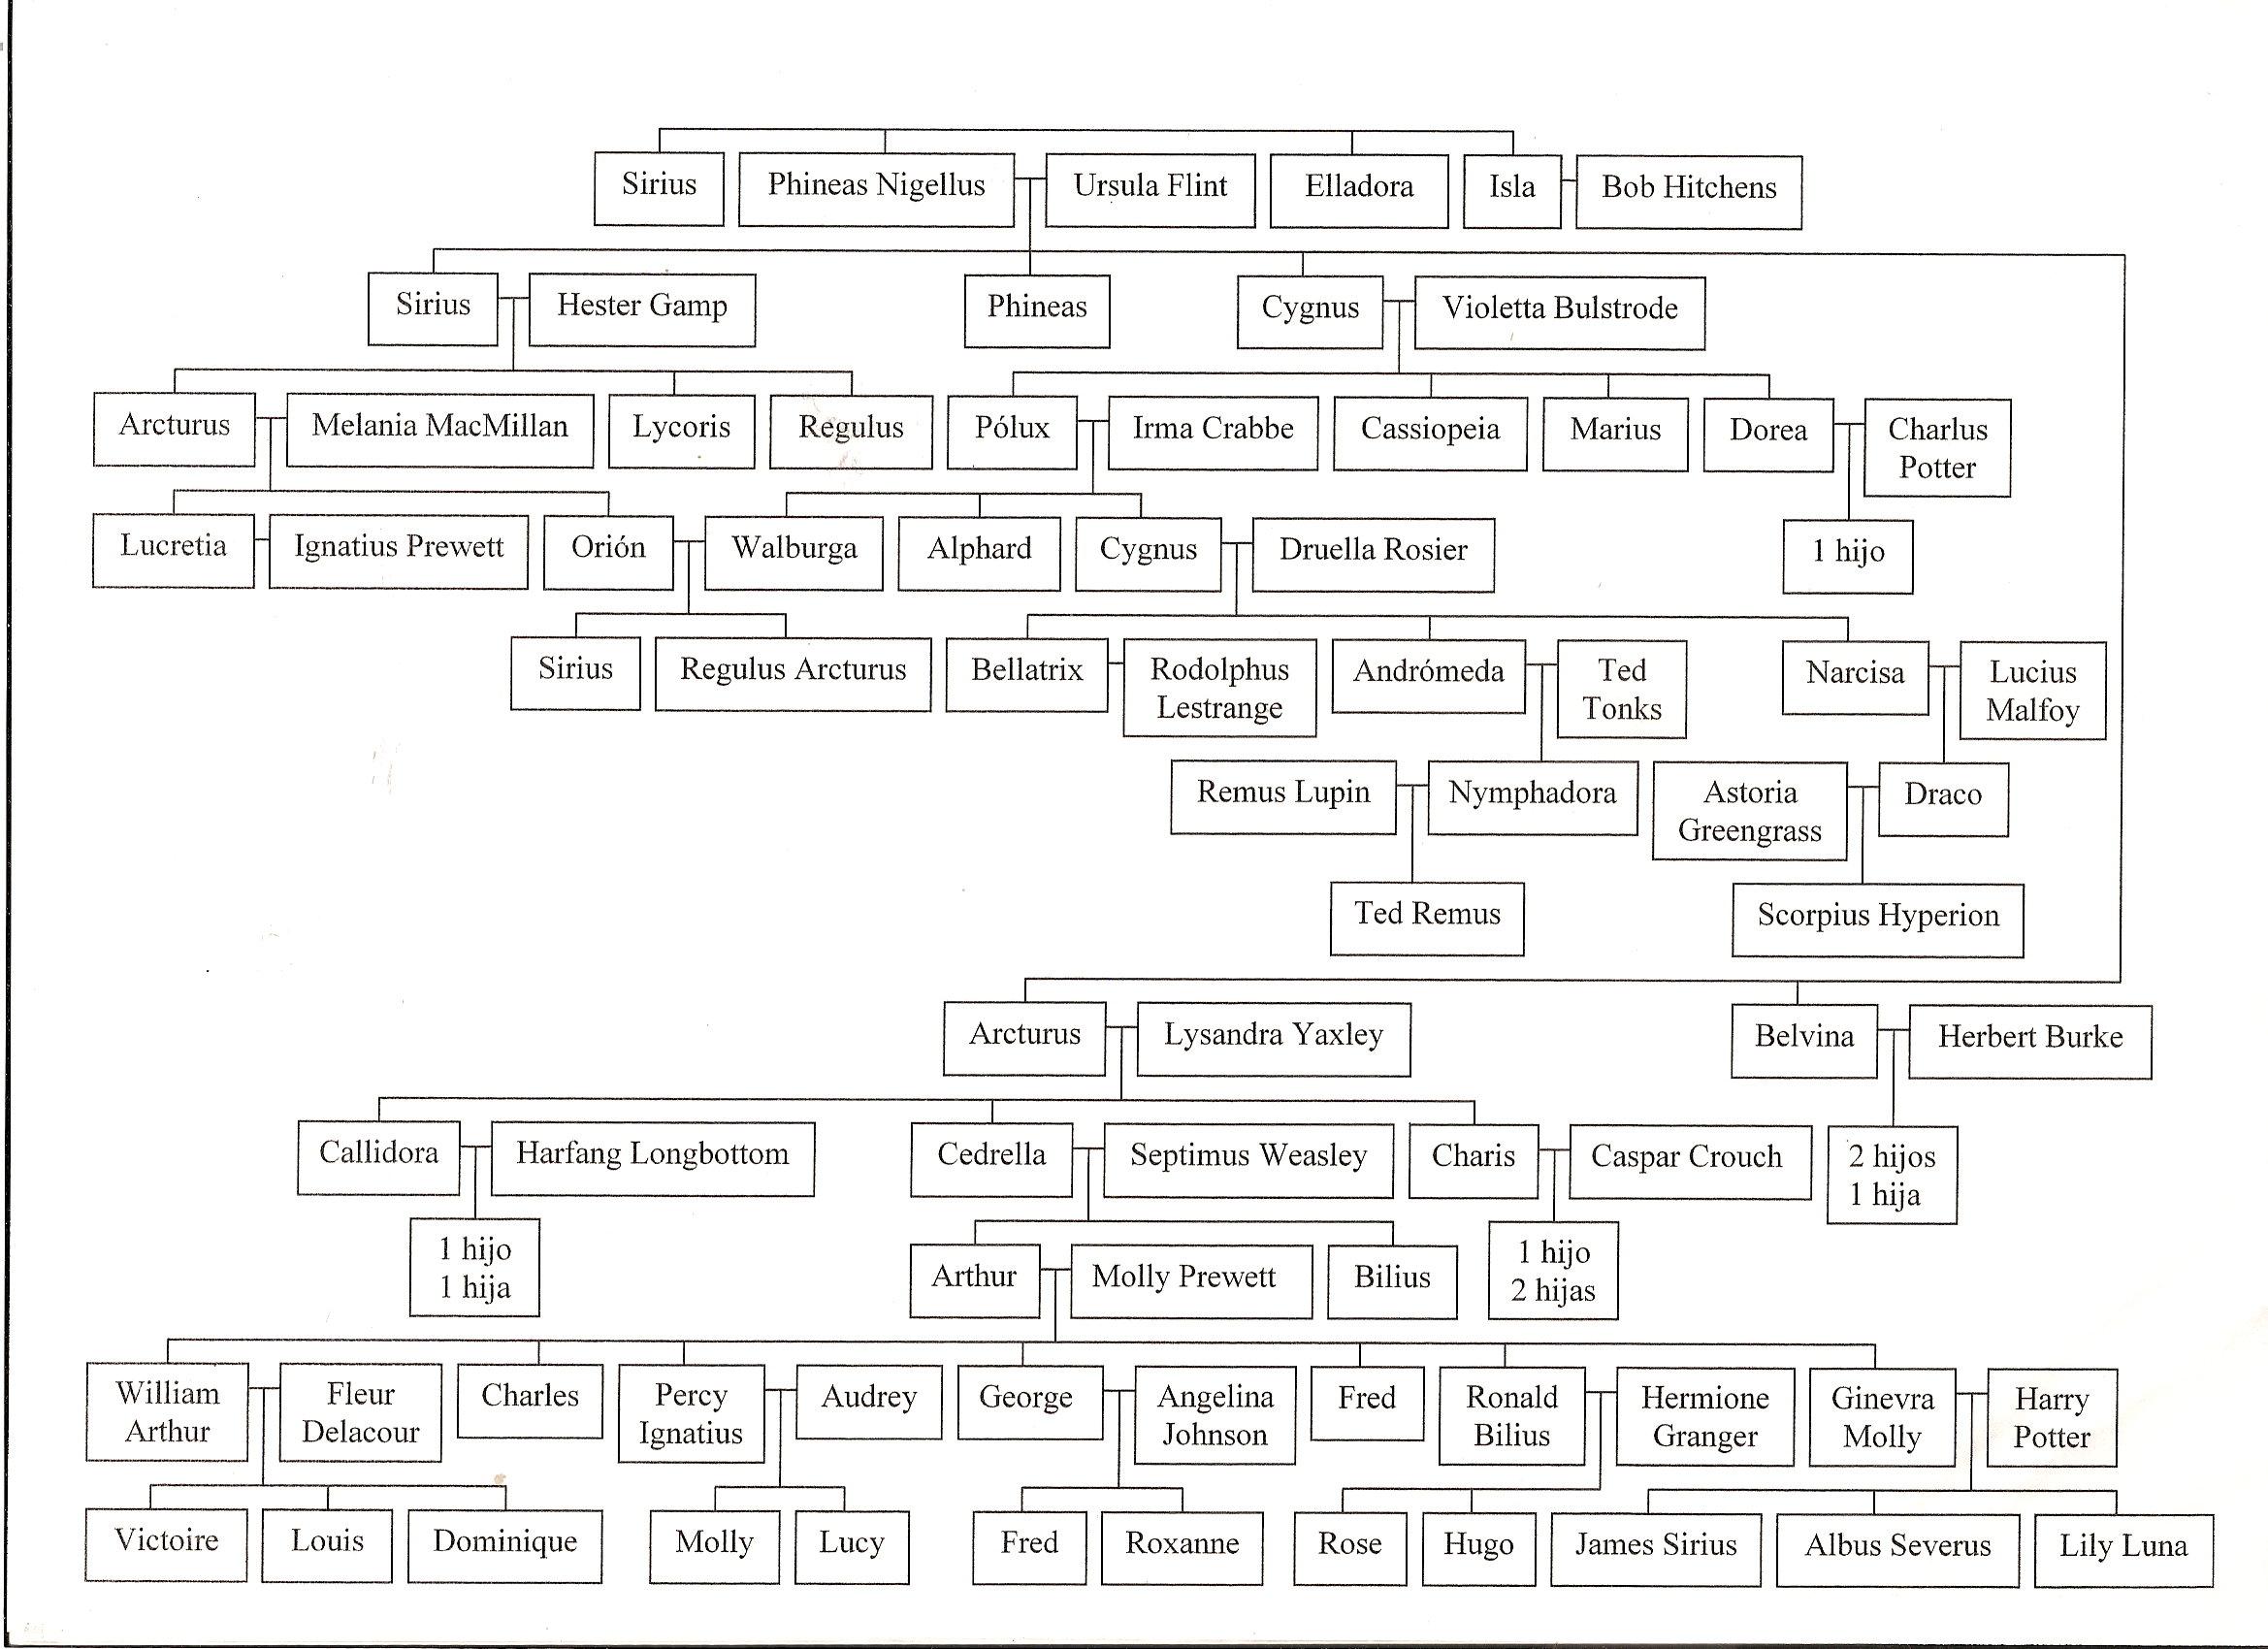 Harry Potter y la Orden del Fénix (película) - Wikipedia